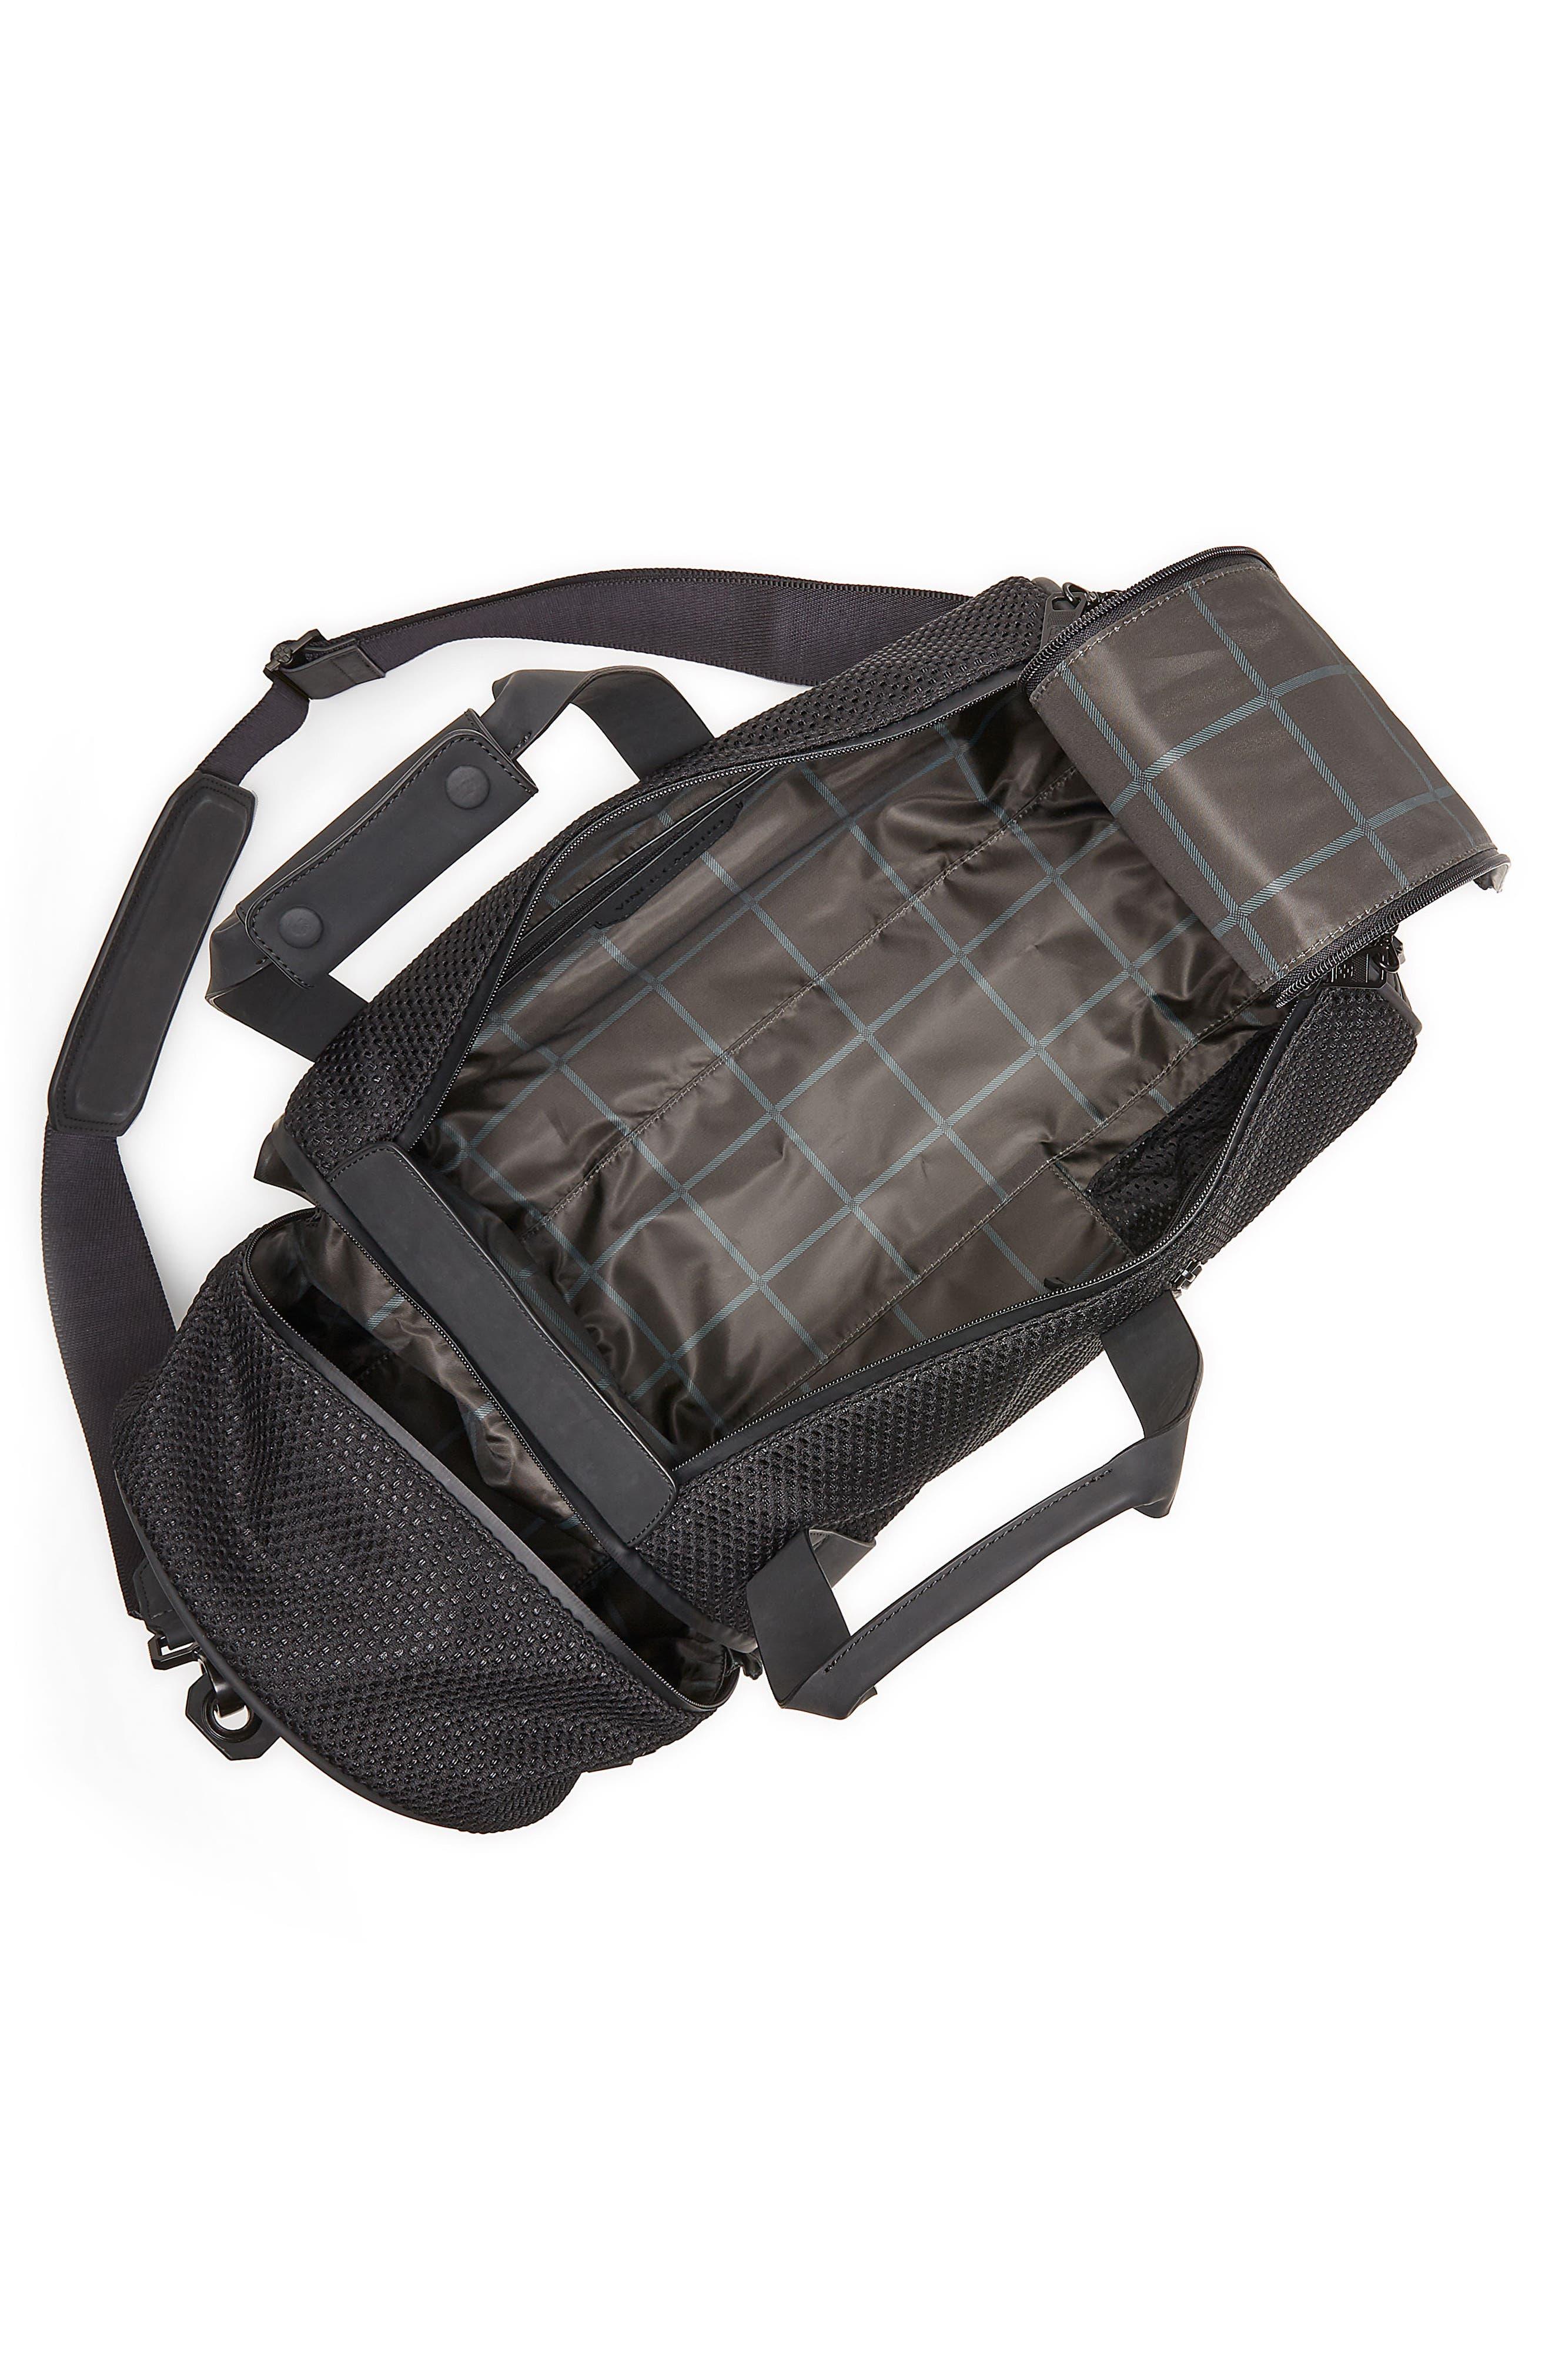 Urban Mesh Duffel Bag,                             Alternate thumbnail 3, color,                             Black